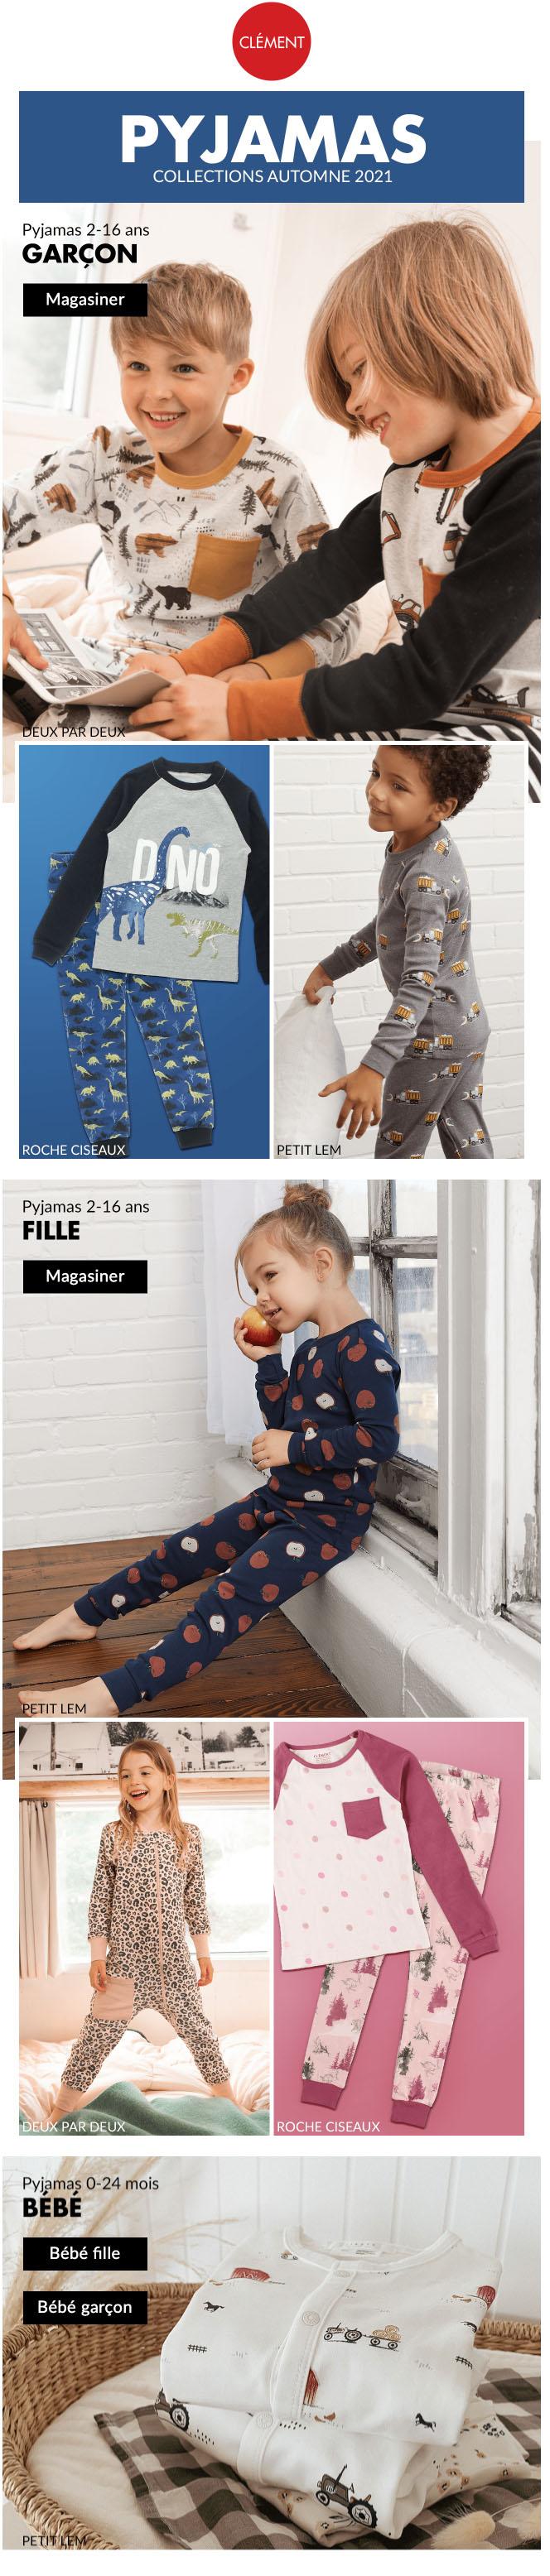 Nouveaux Pyjamas